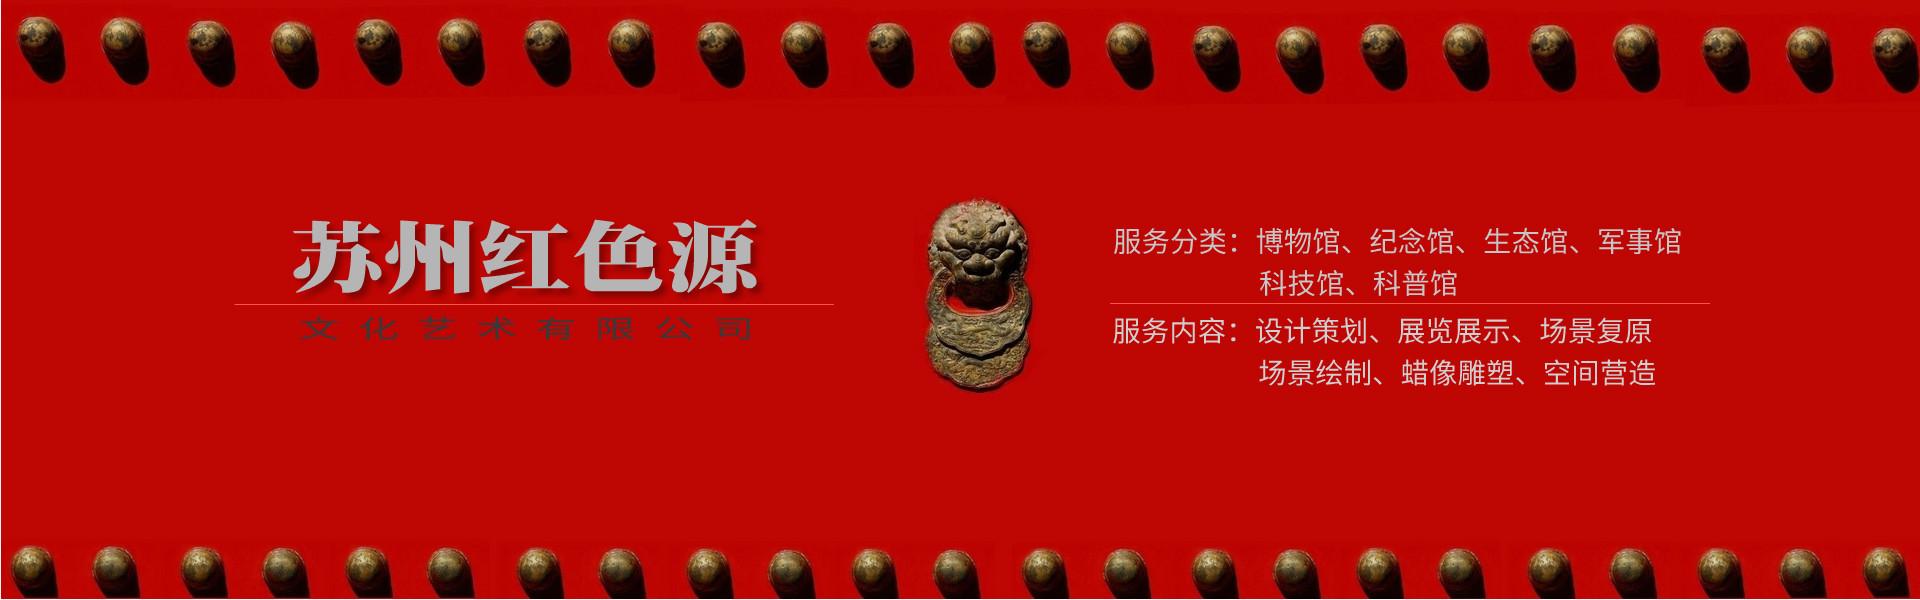 苏州雕塑设计公司